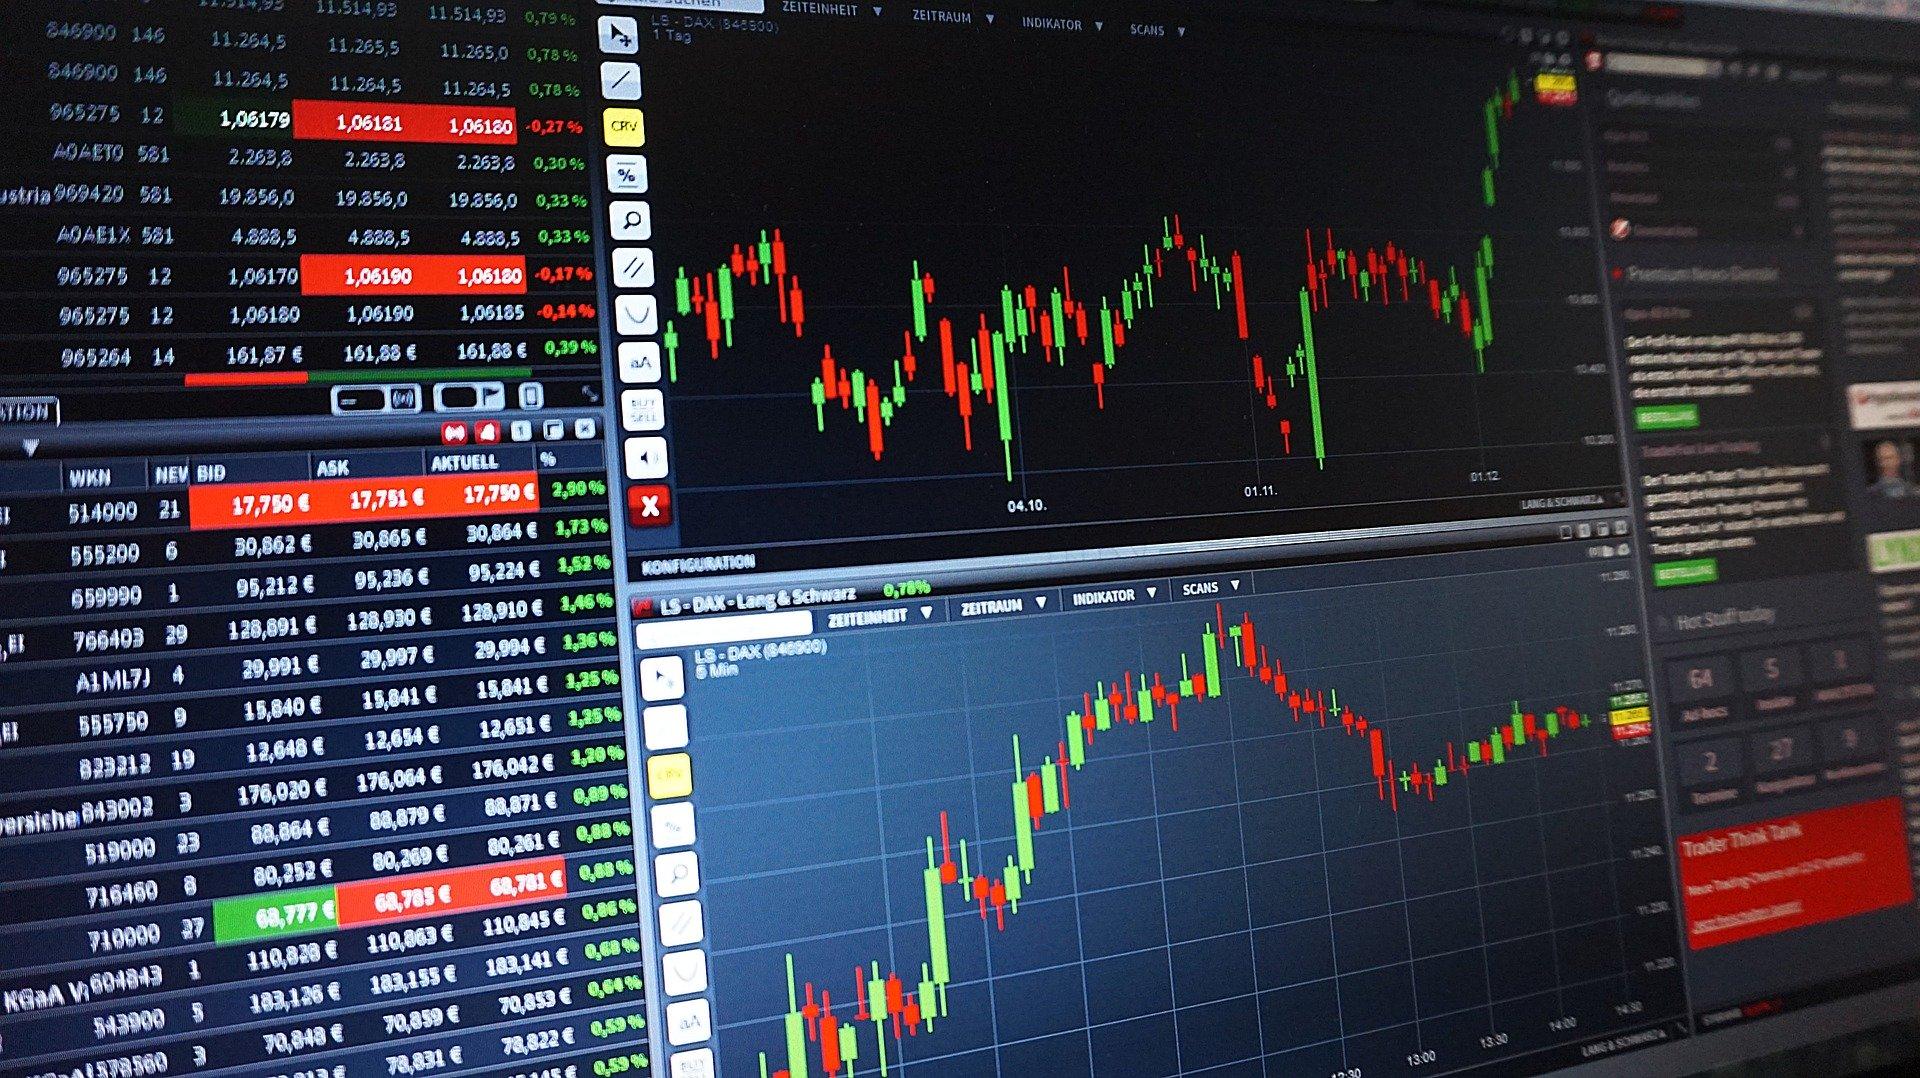 Emprunt obligataire, introduction en bourse : PME, comment faire ?